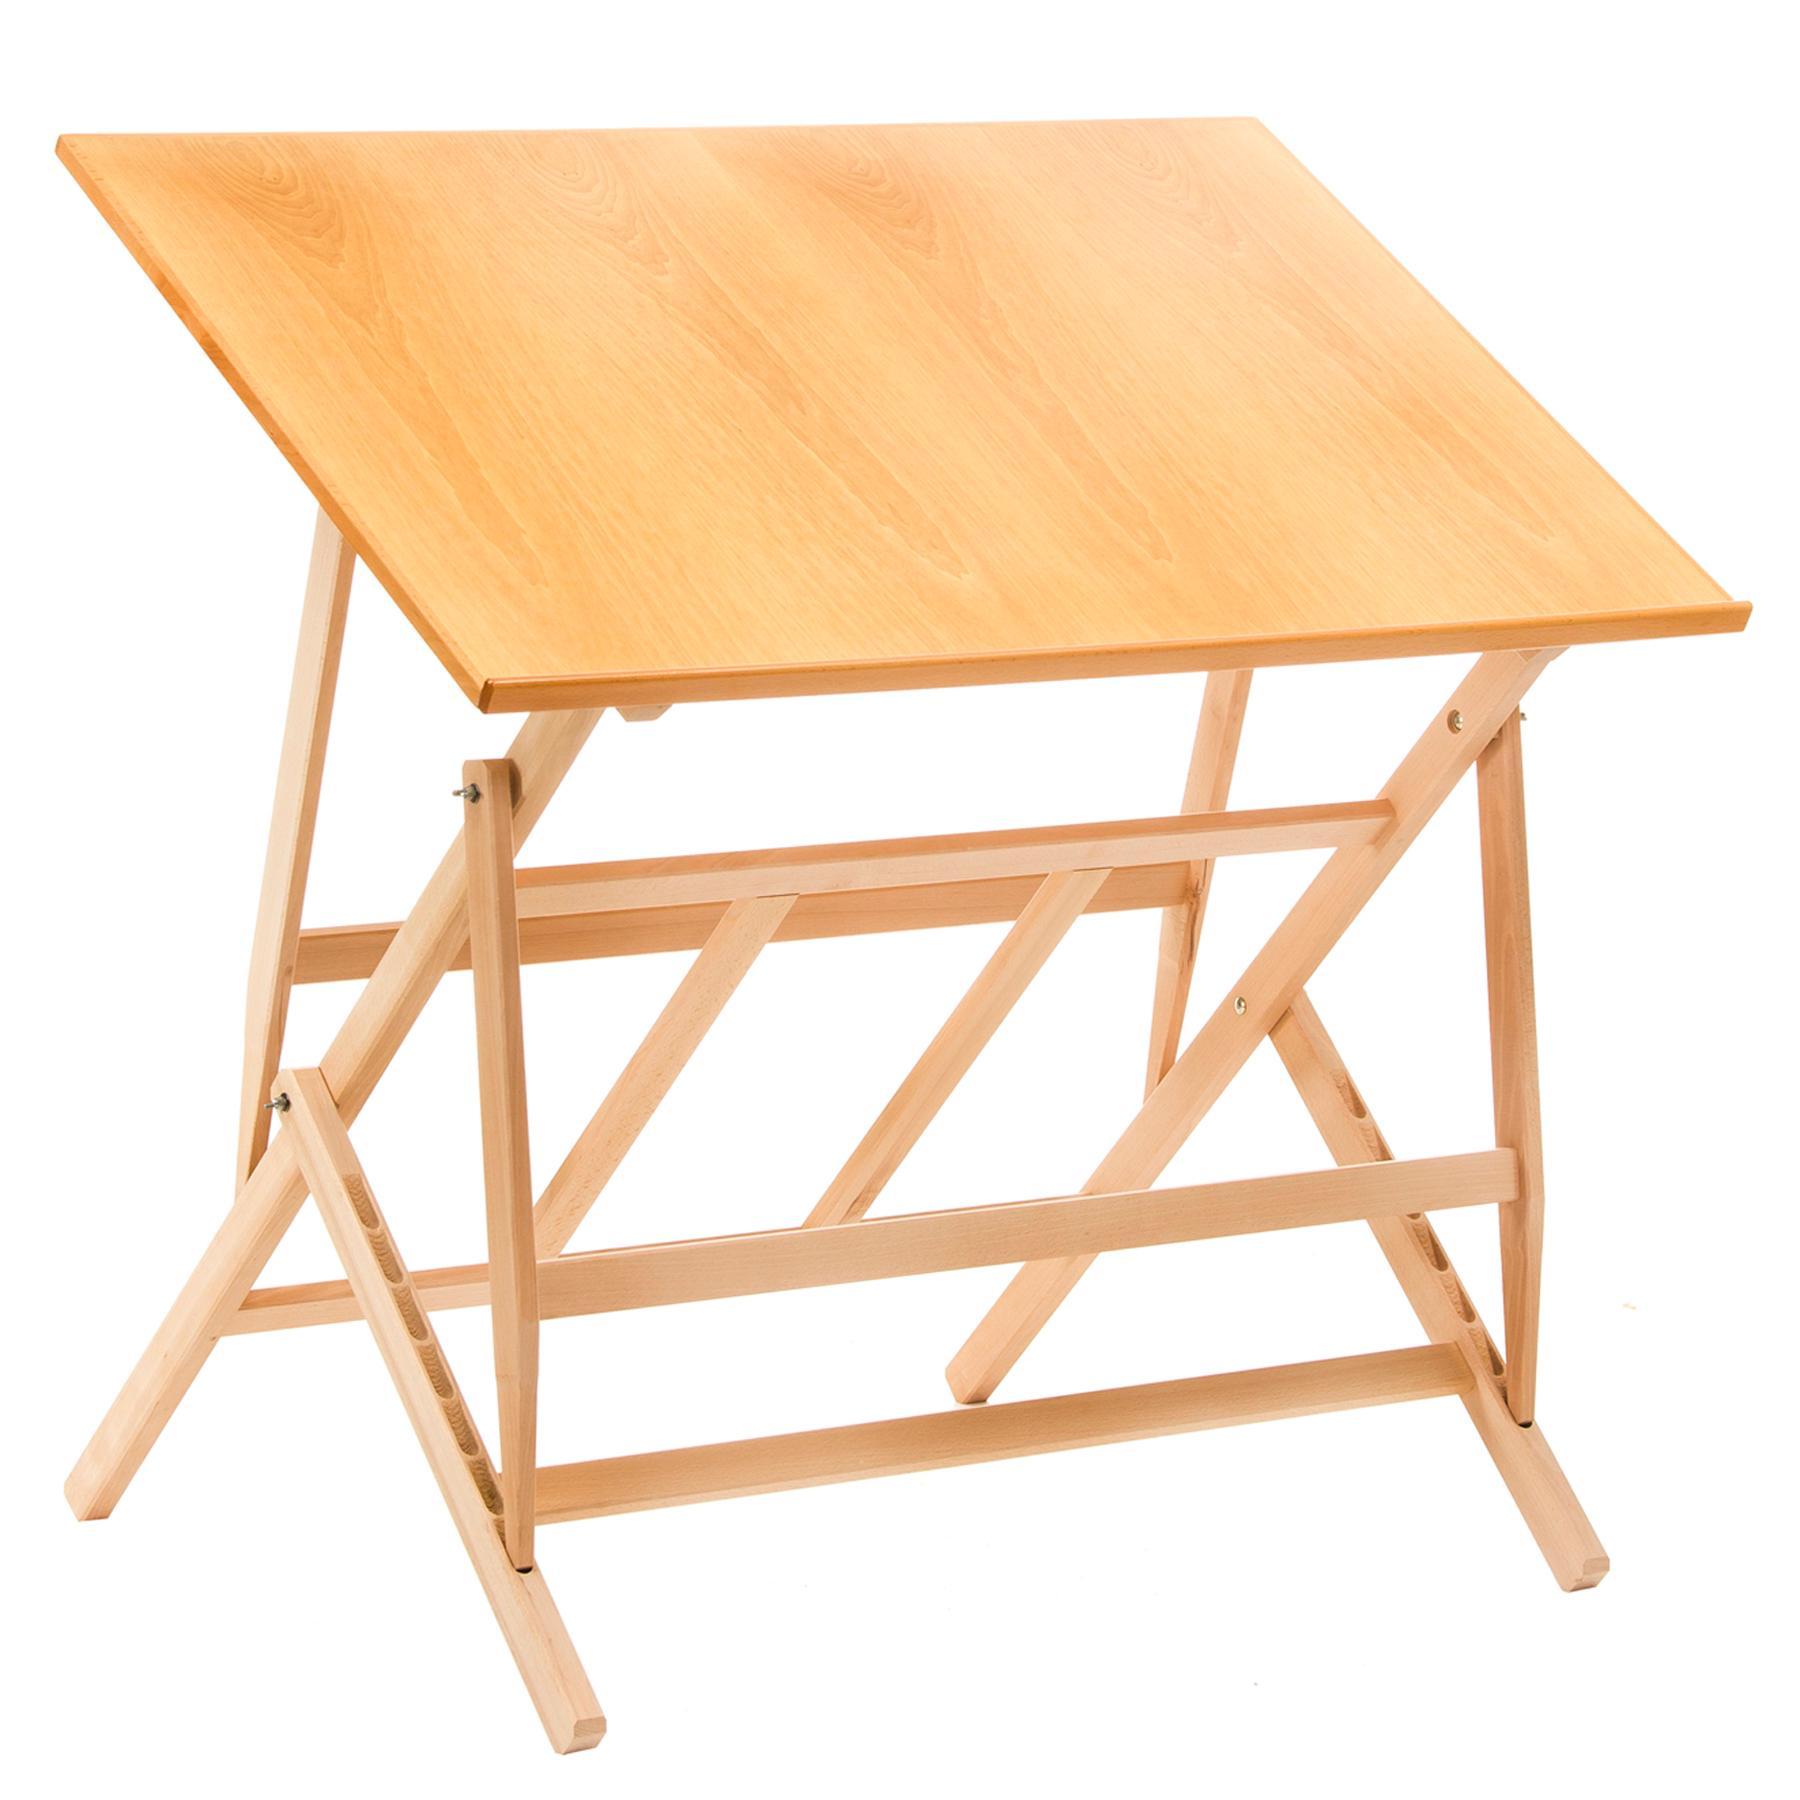 Lienzos levante 1610101111 mesa de dibujo profesional - Mesas dibujo tecnico ...